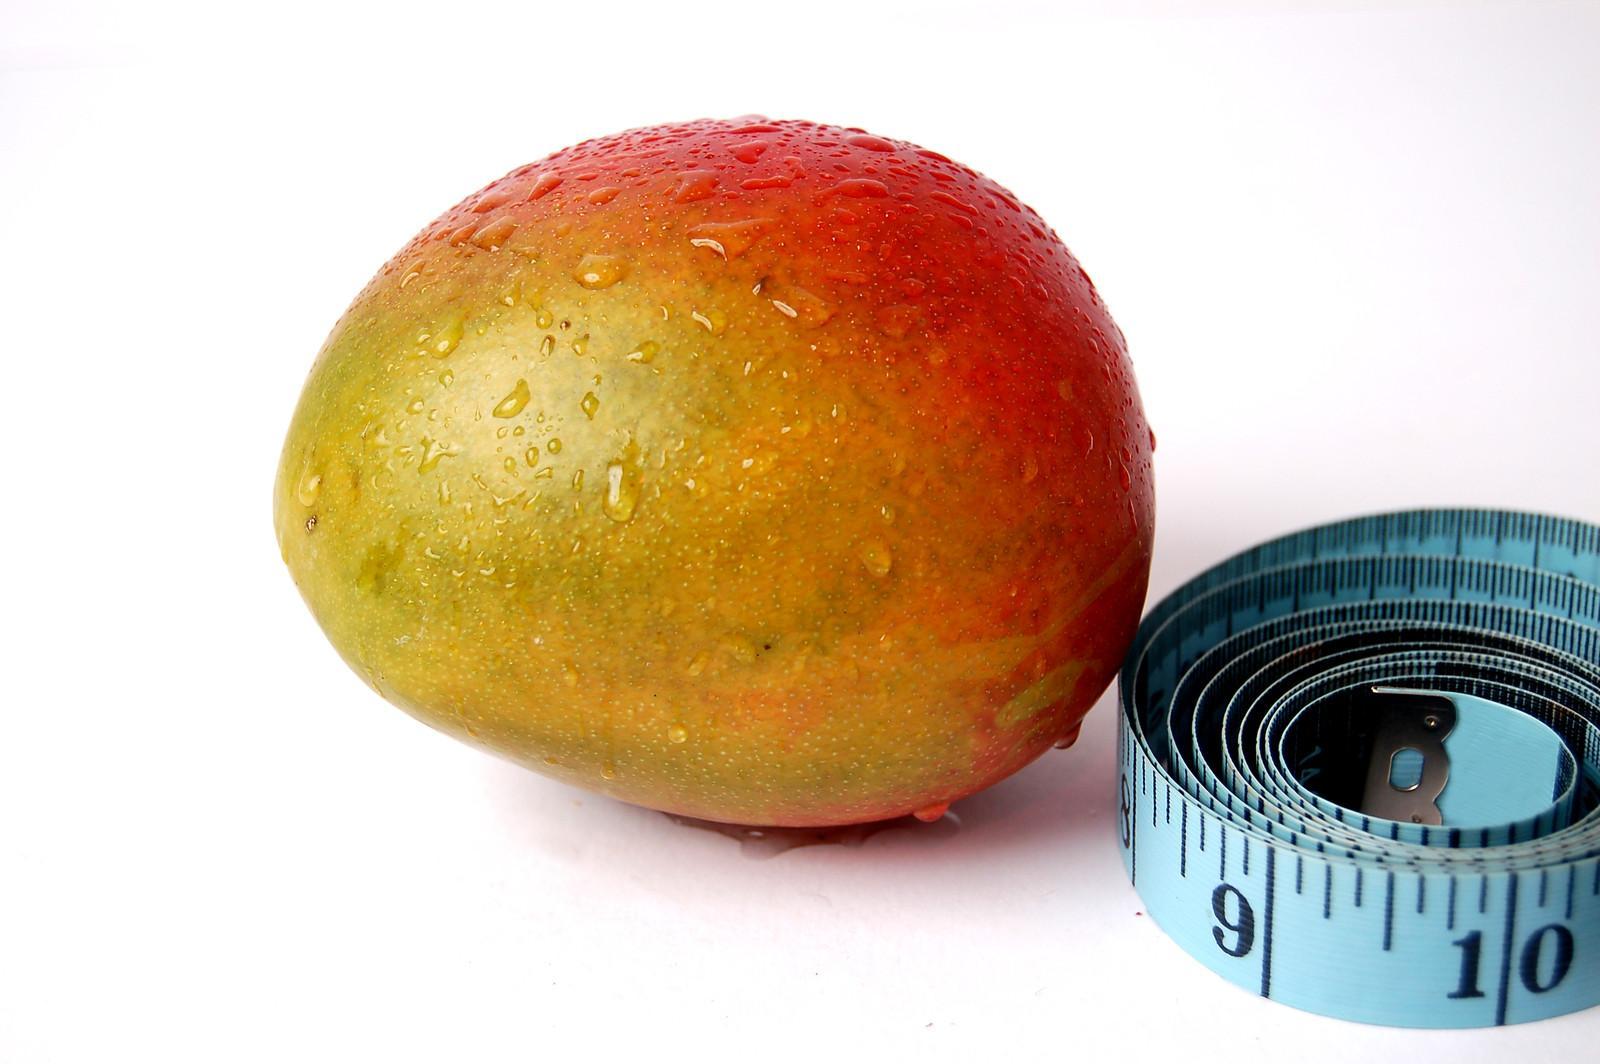 como se toma el mango africano para bajar de peso